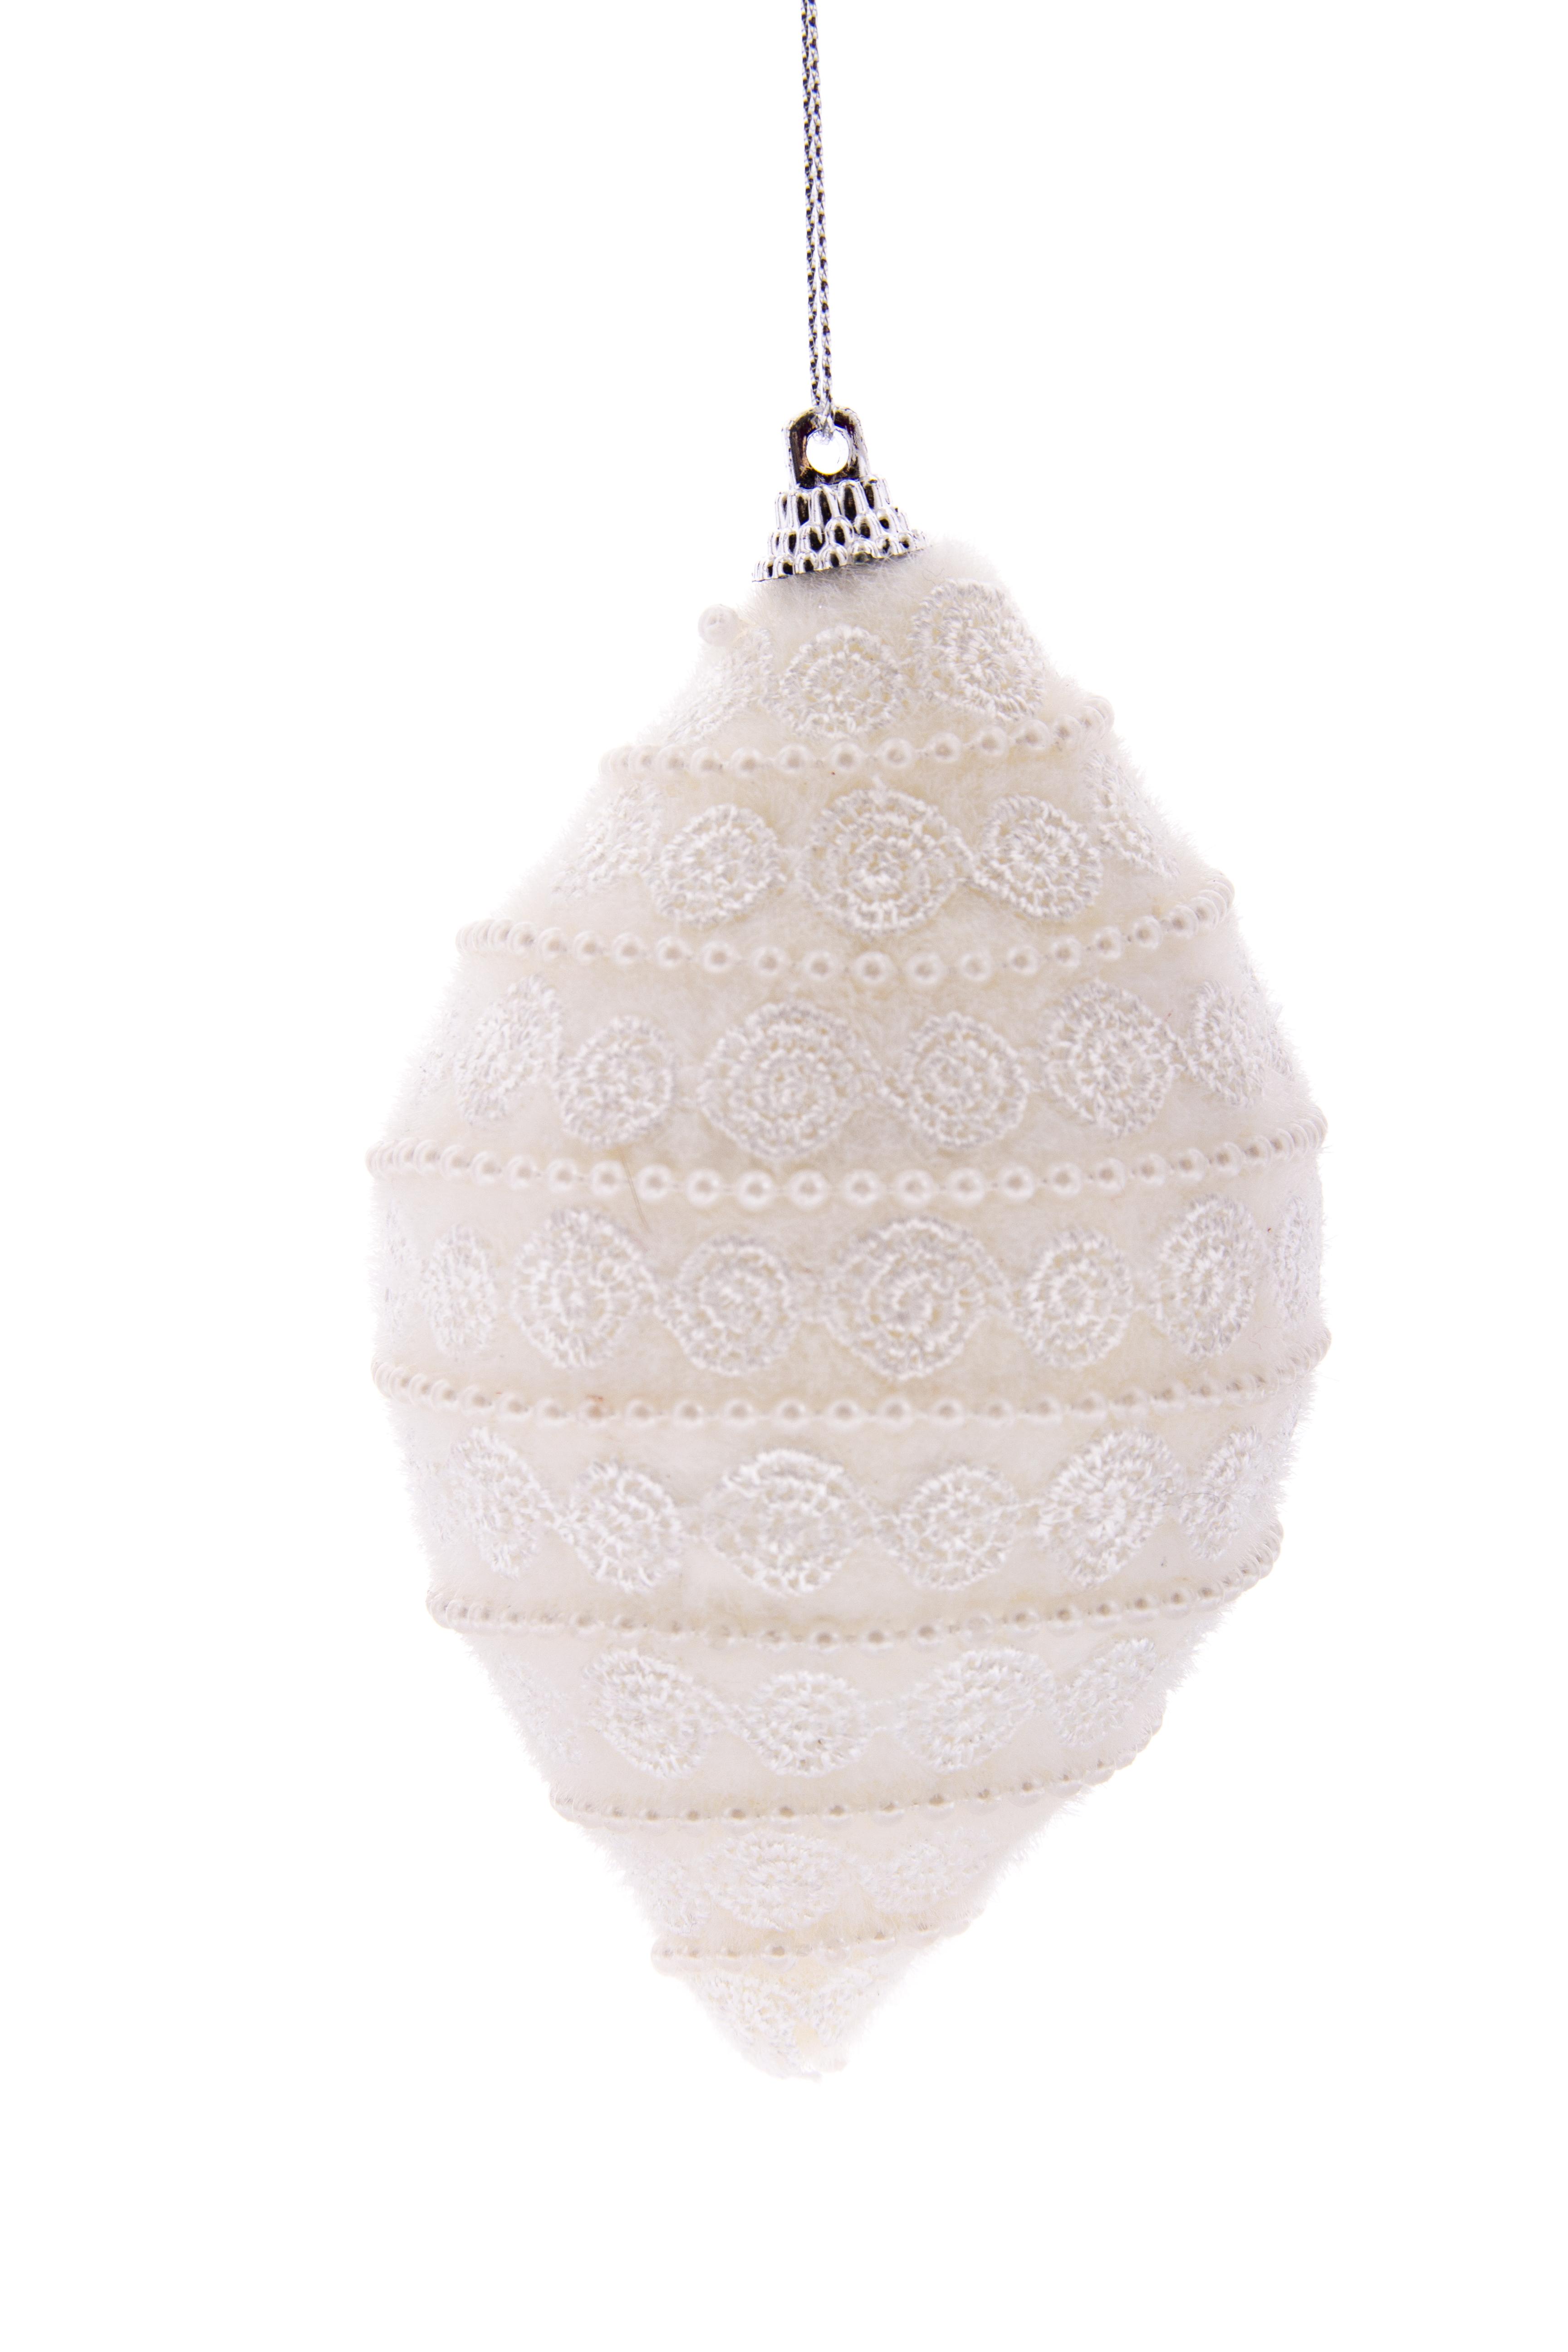 Елочная игрушка Русские Подарки Шар, 12 см. 176506 елочная игрушка русские подарки шары цвет золотой 6 шт